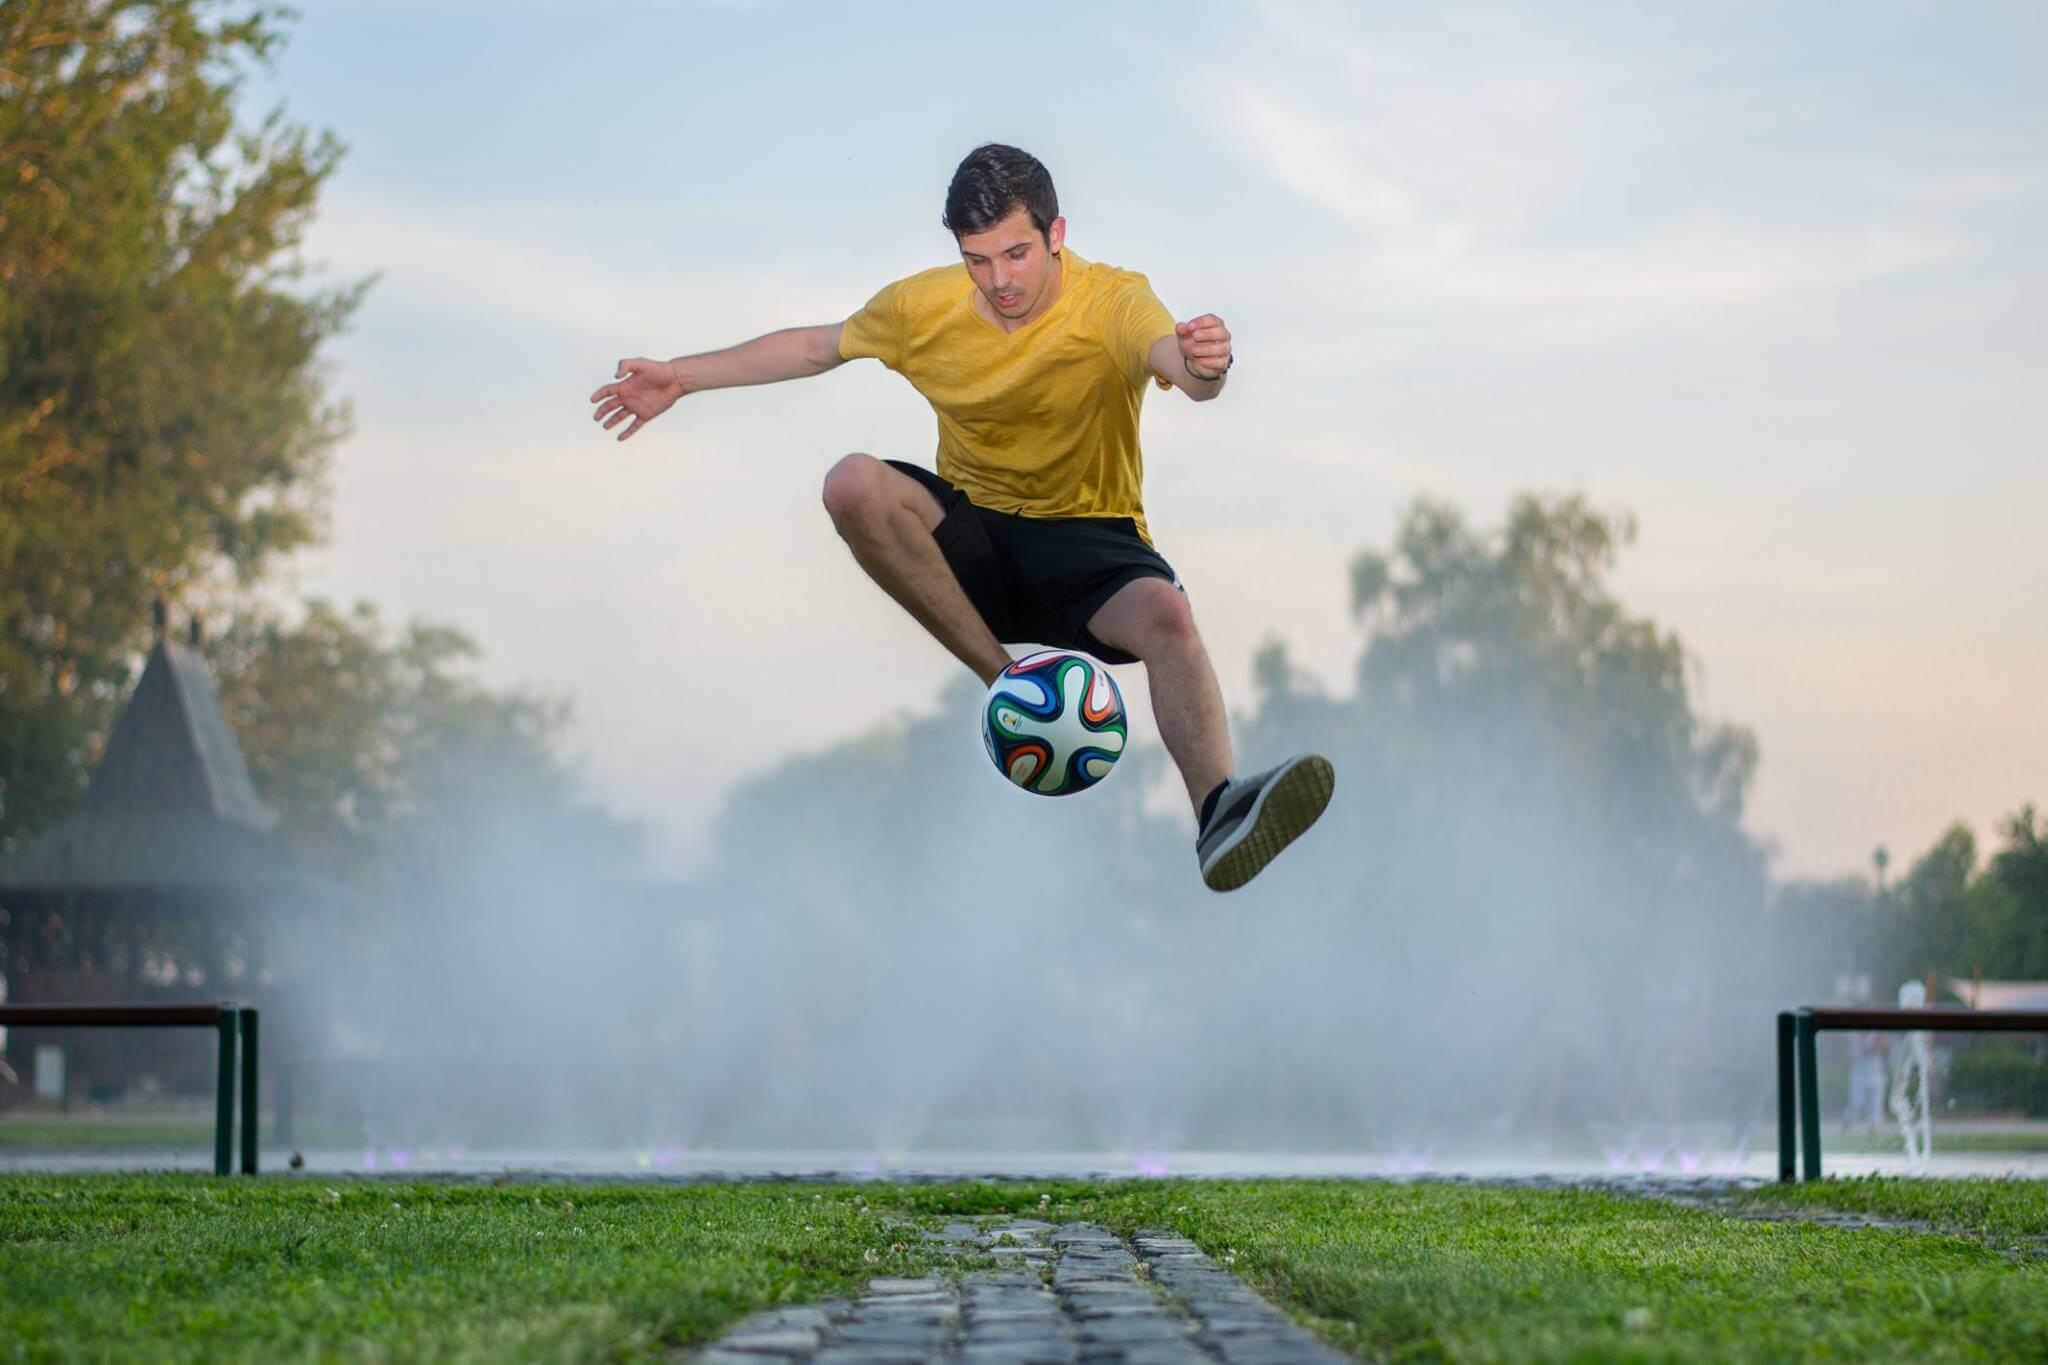 Kvartam football freestyle